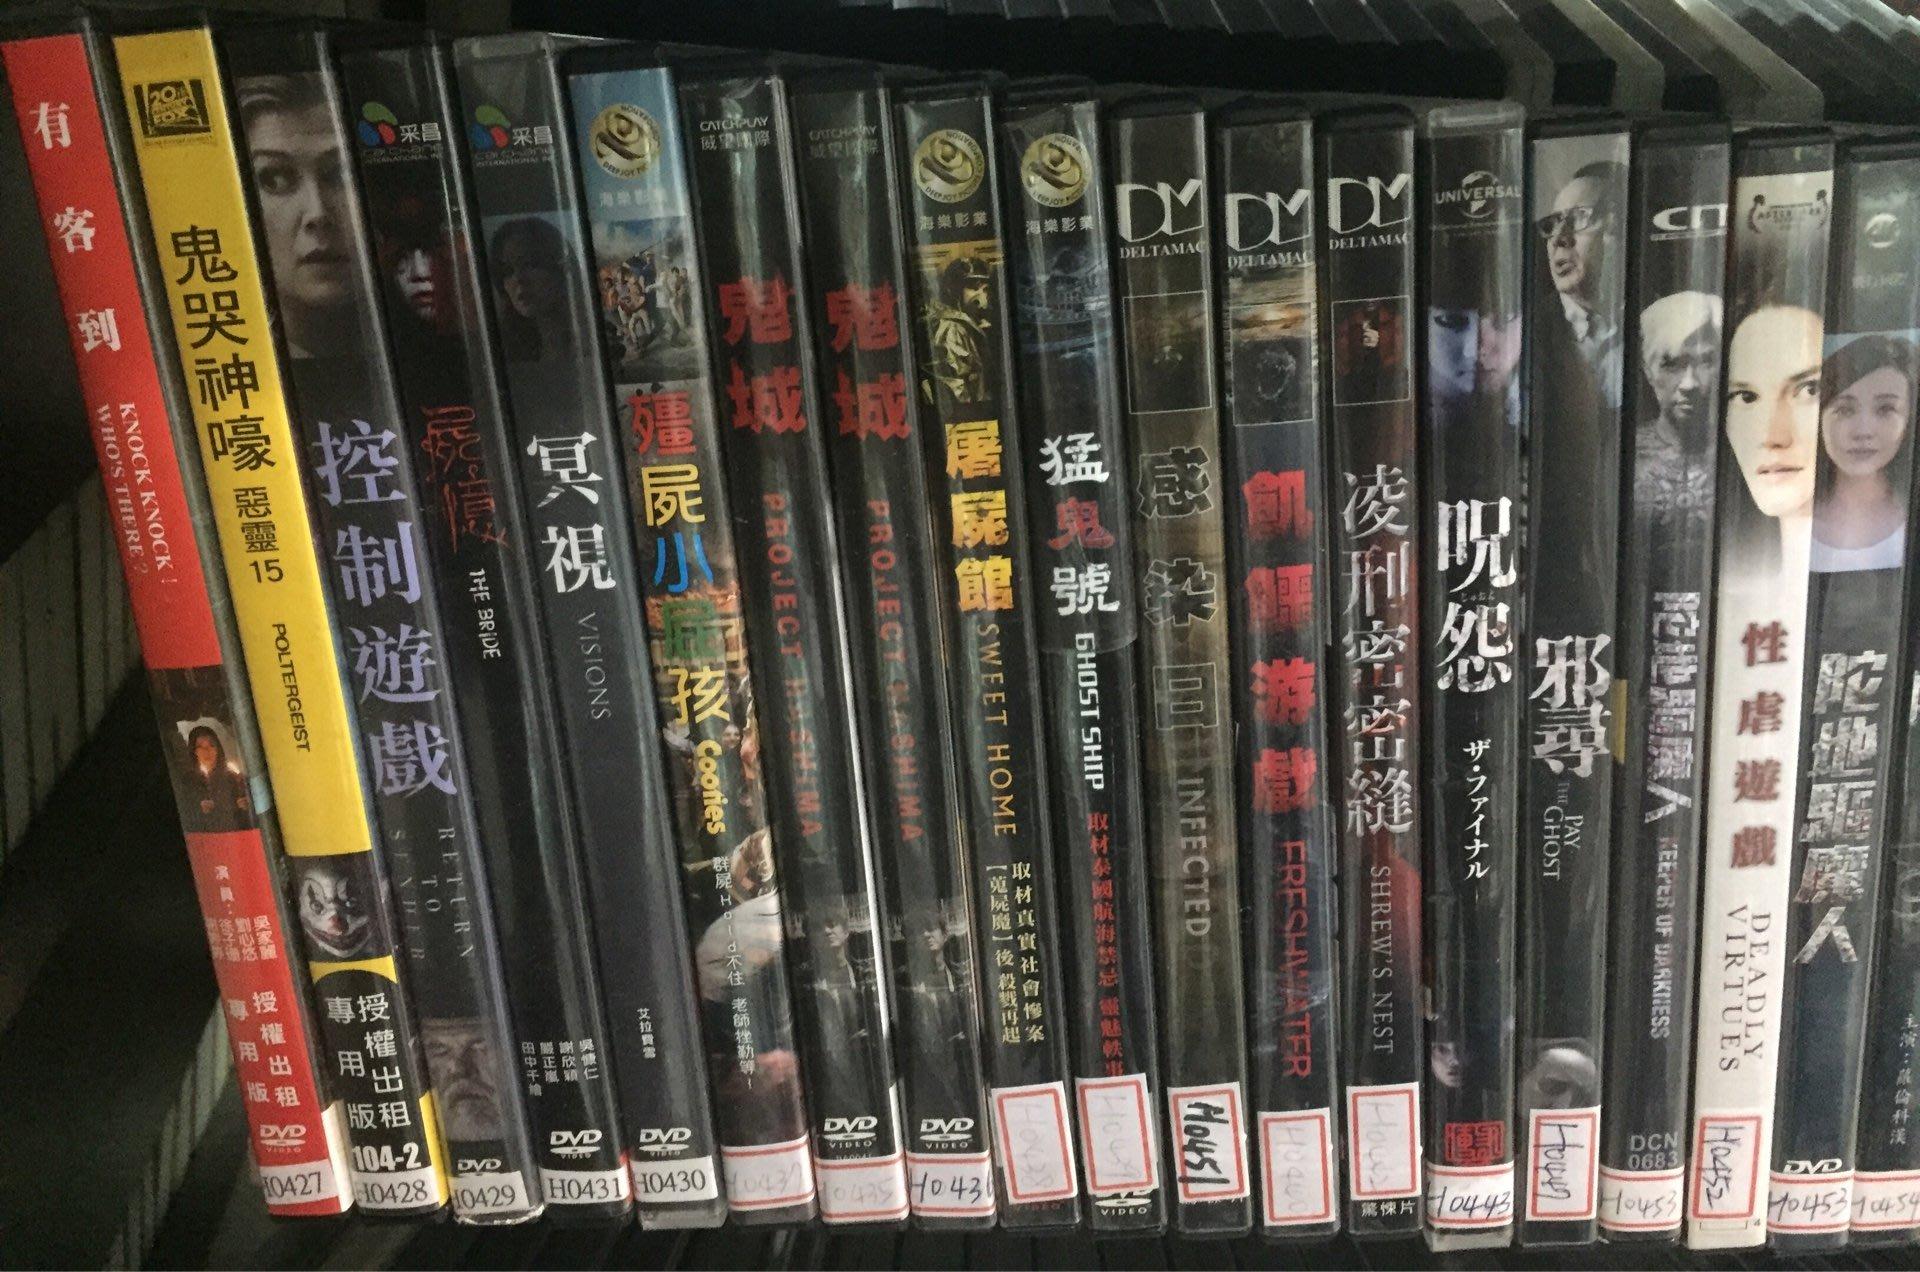 席滿客書坊二手拍賣-正版DVD*恐怖片【屍憶】